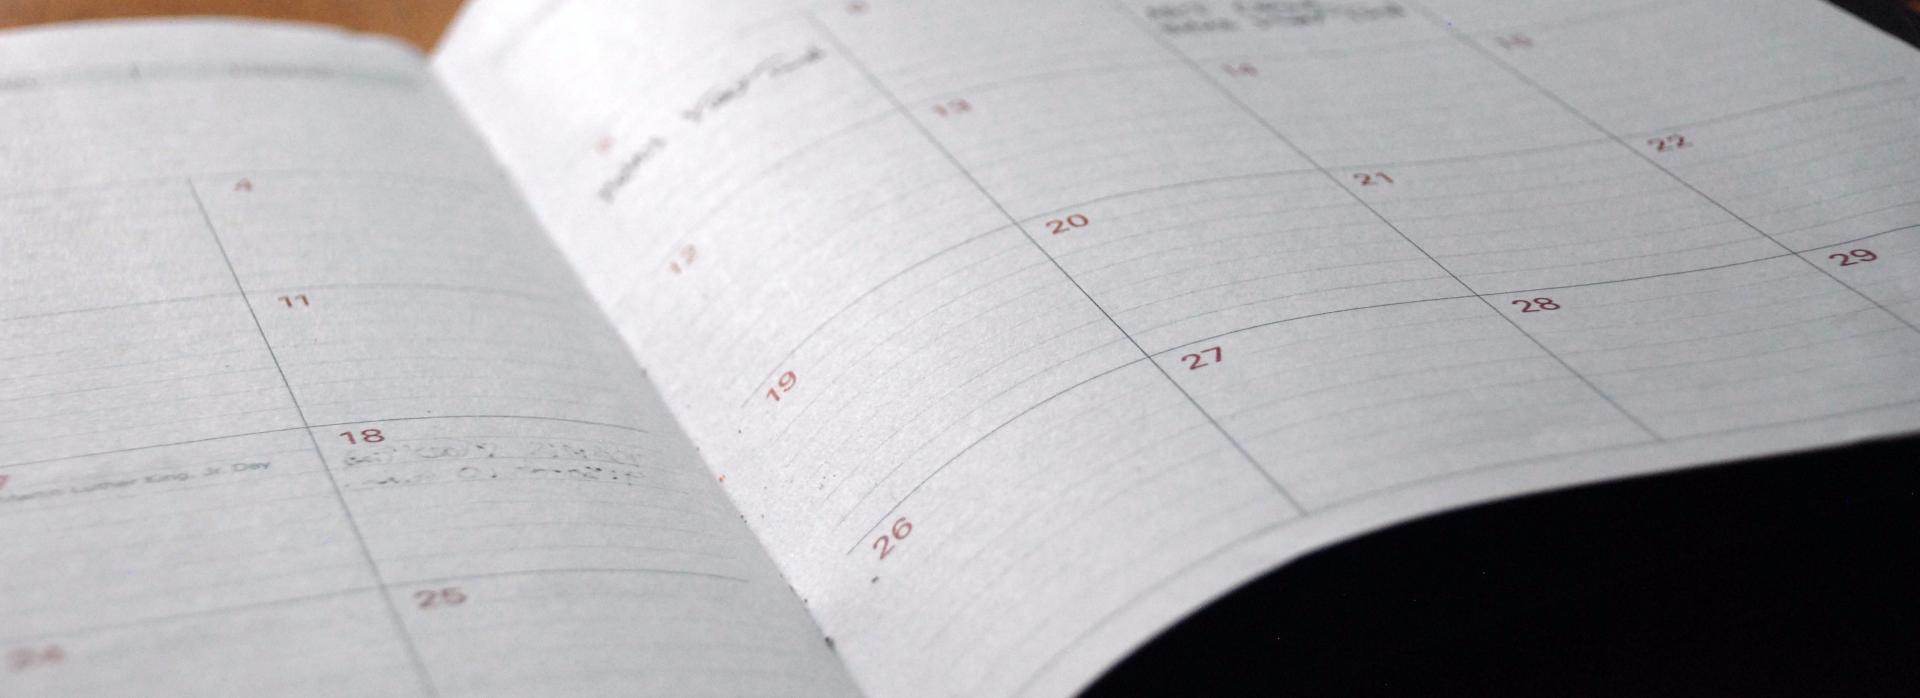 Careers calendar - planner page